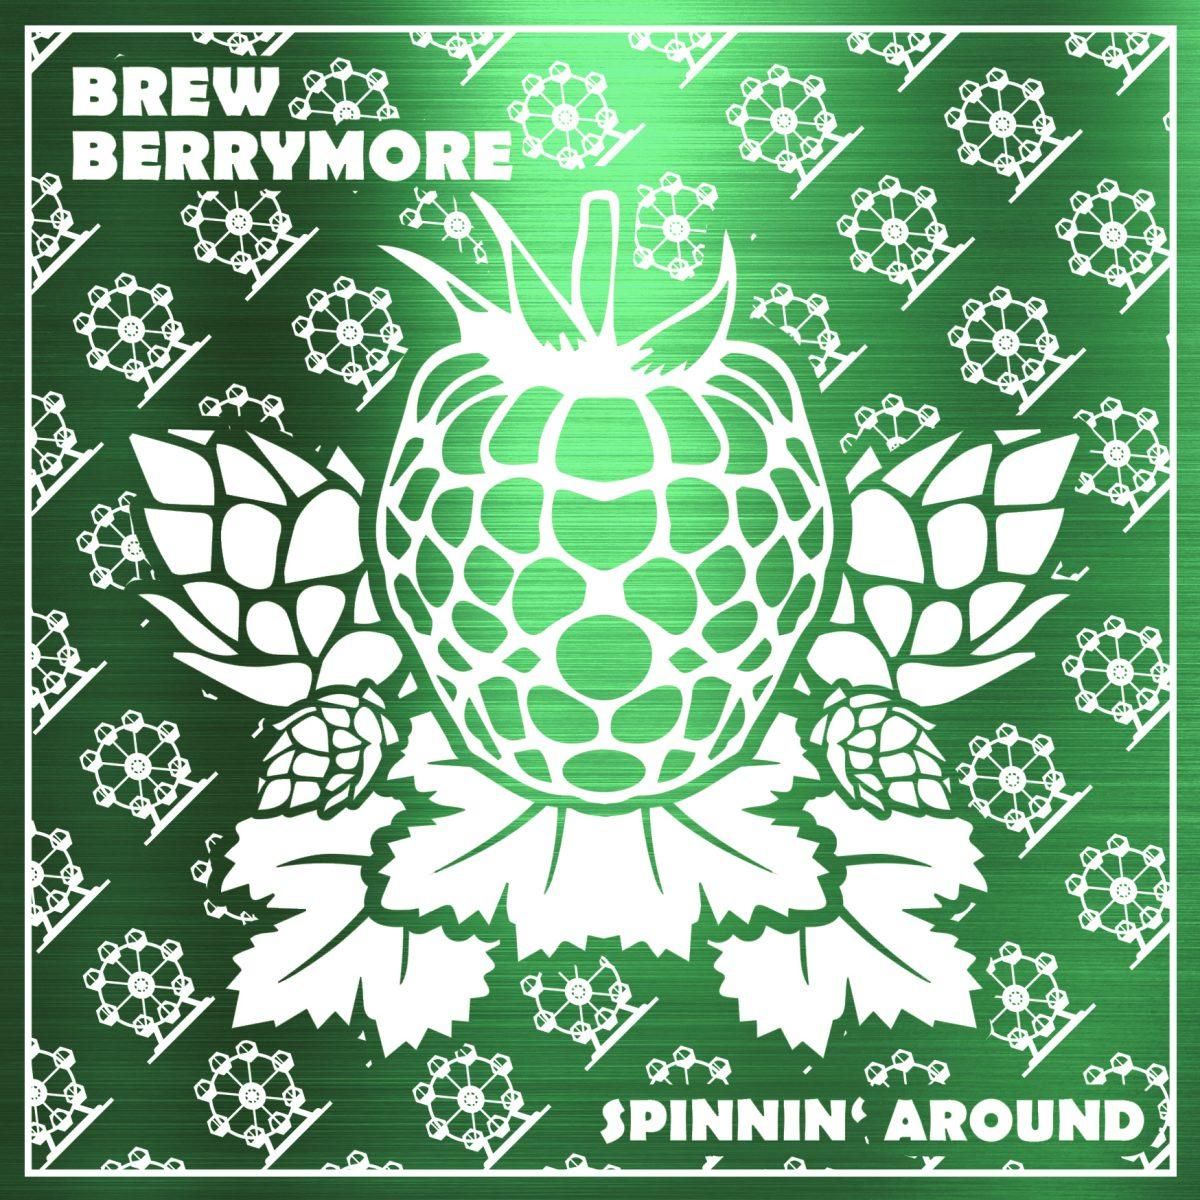 brew-berrymore-spinnin-around-video-premiere